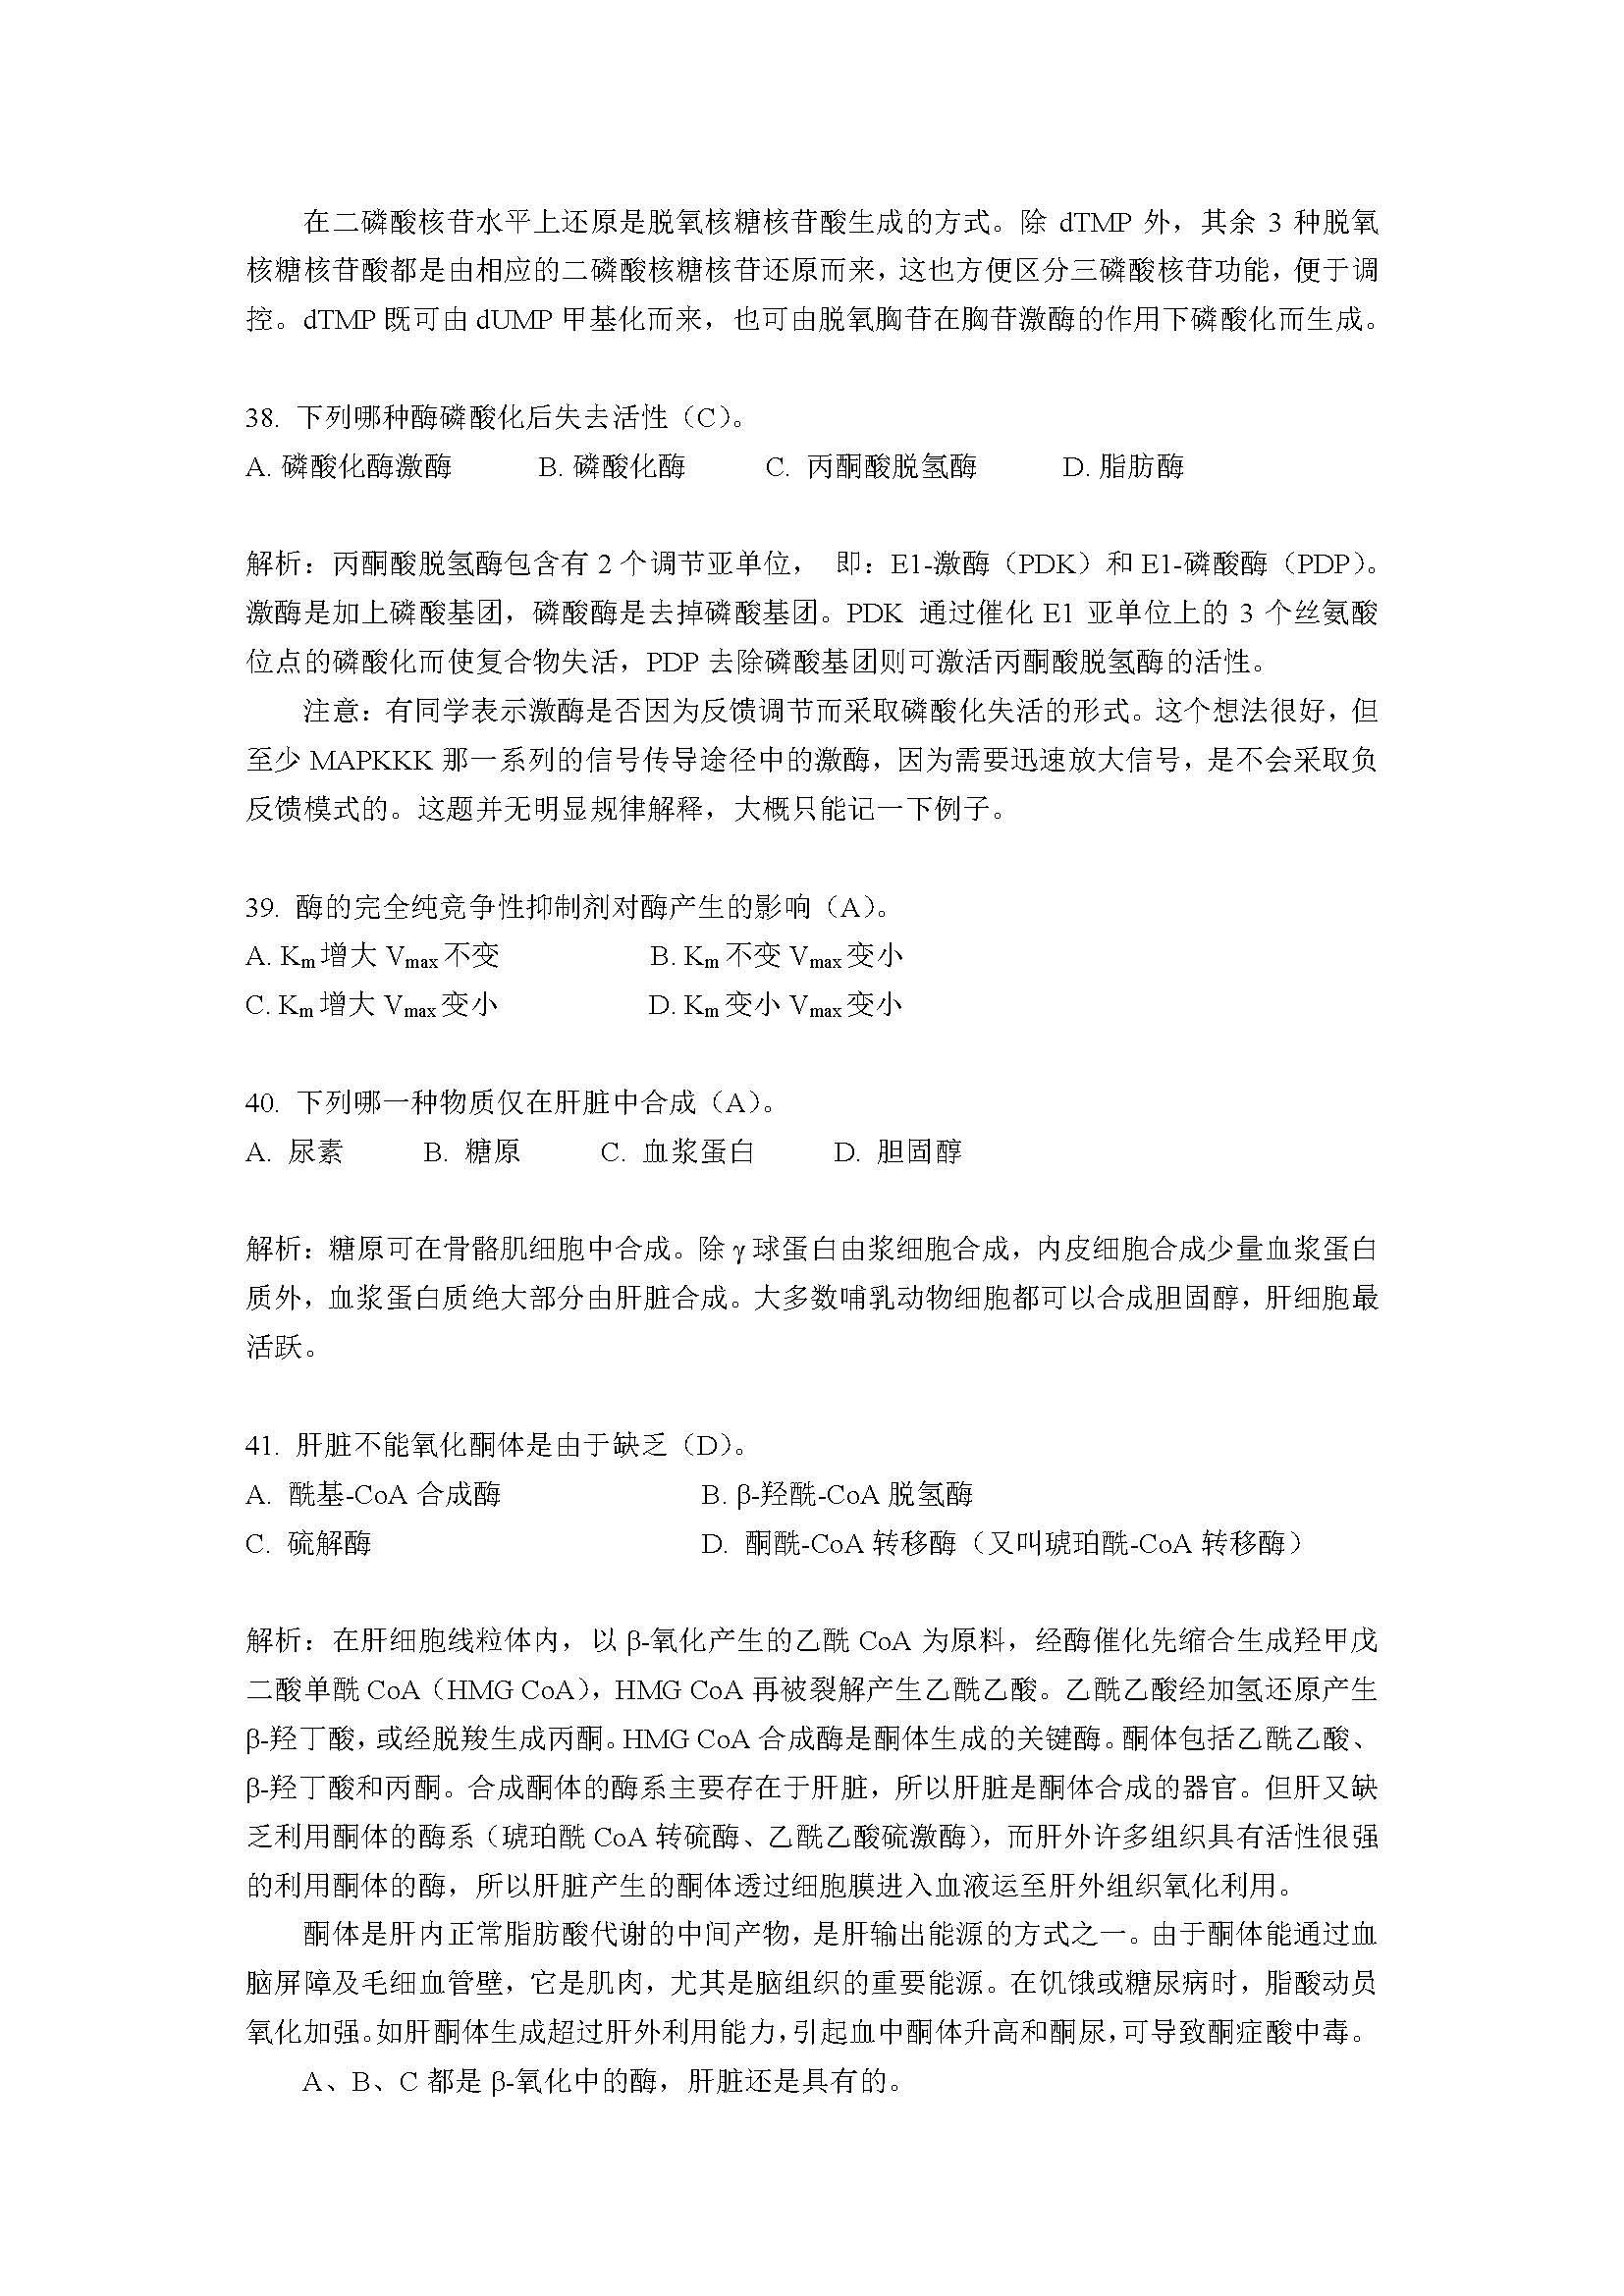 05 2015清华金秋营笔试模拟题答案简析_页面_17